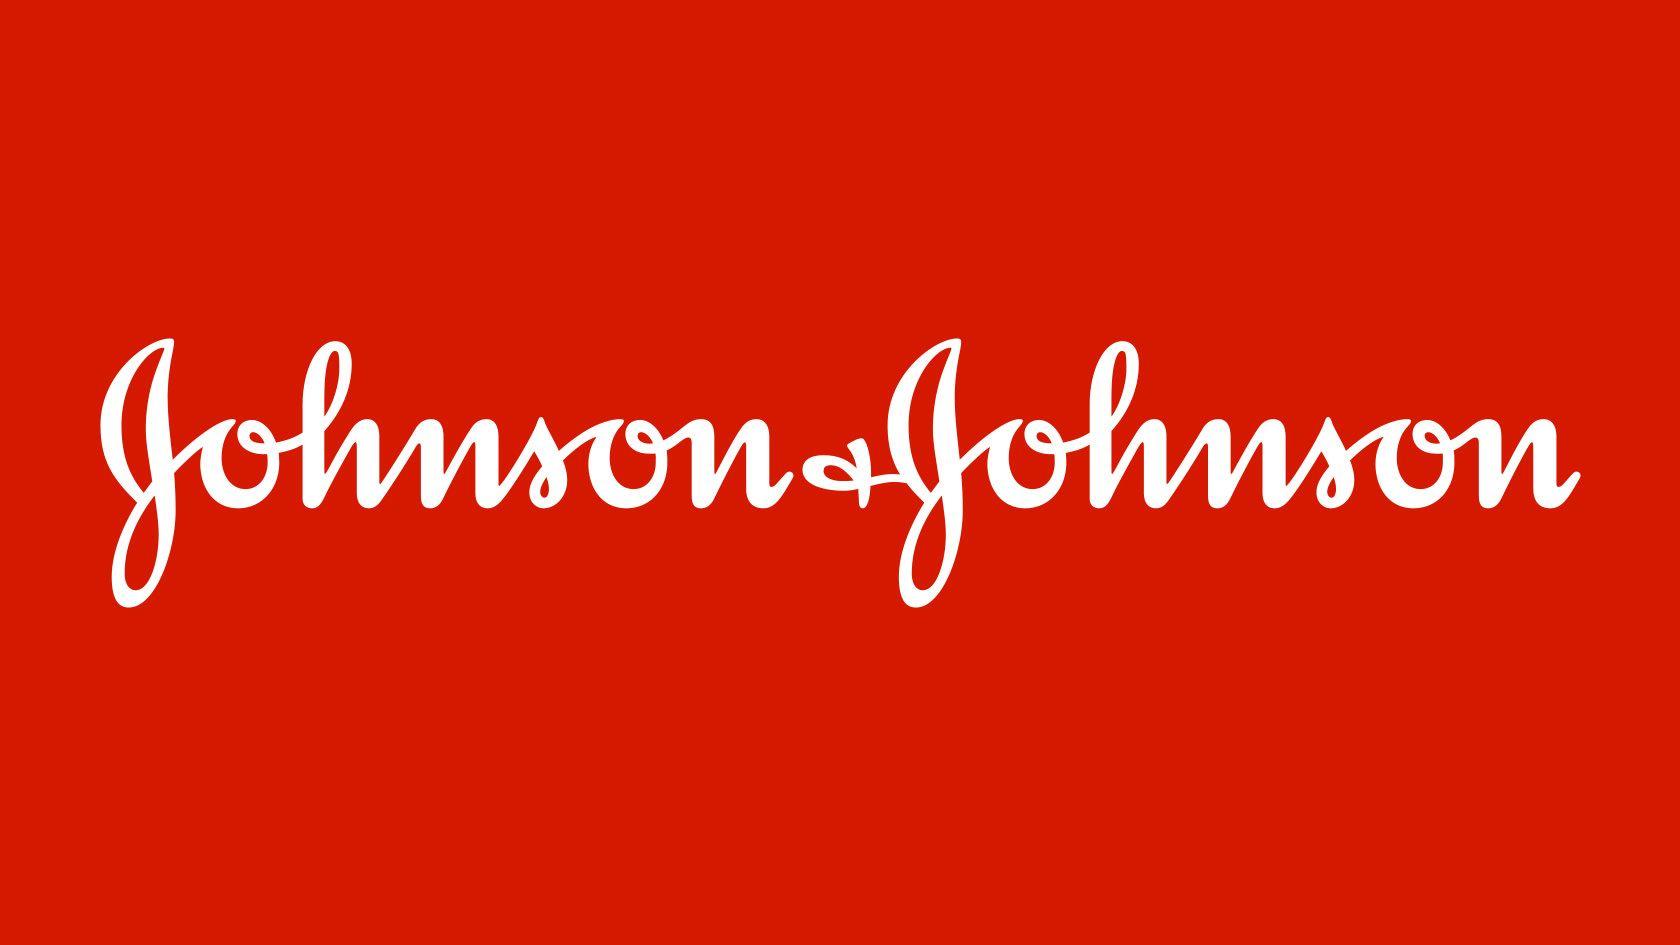 Promoção Johnson & Johnson 2019